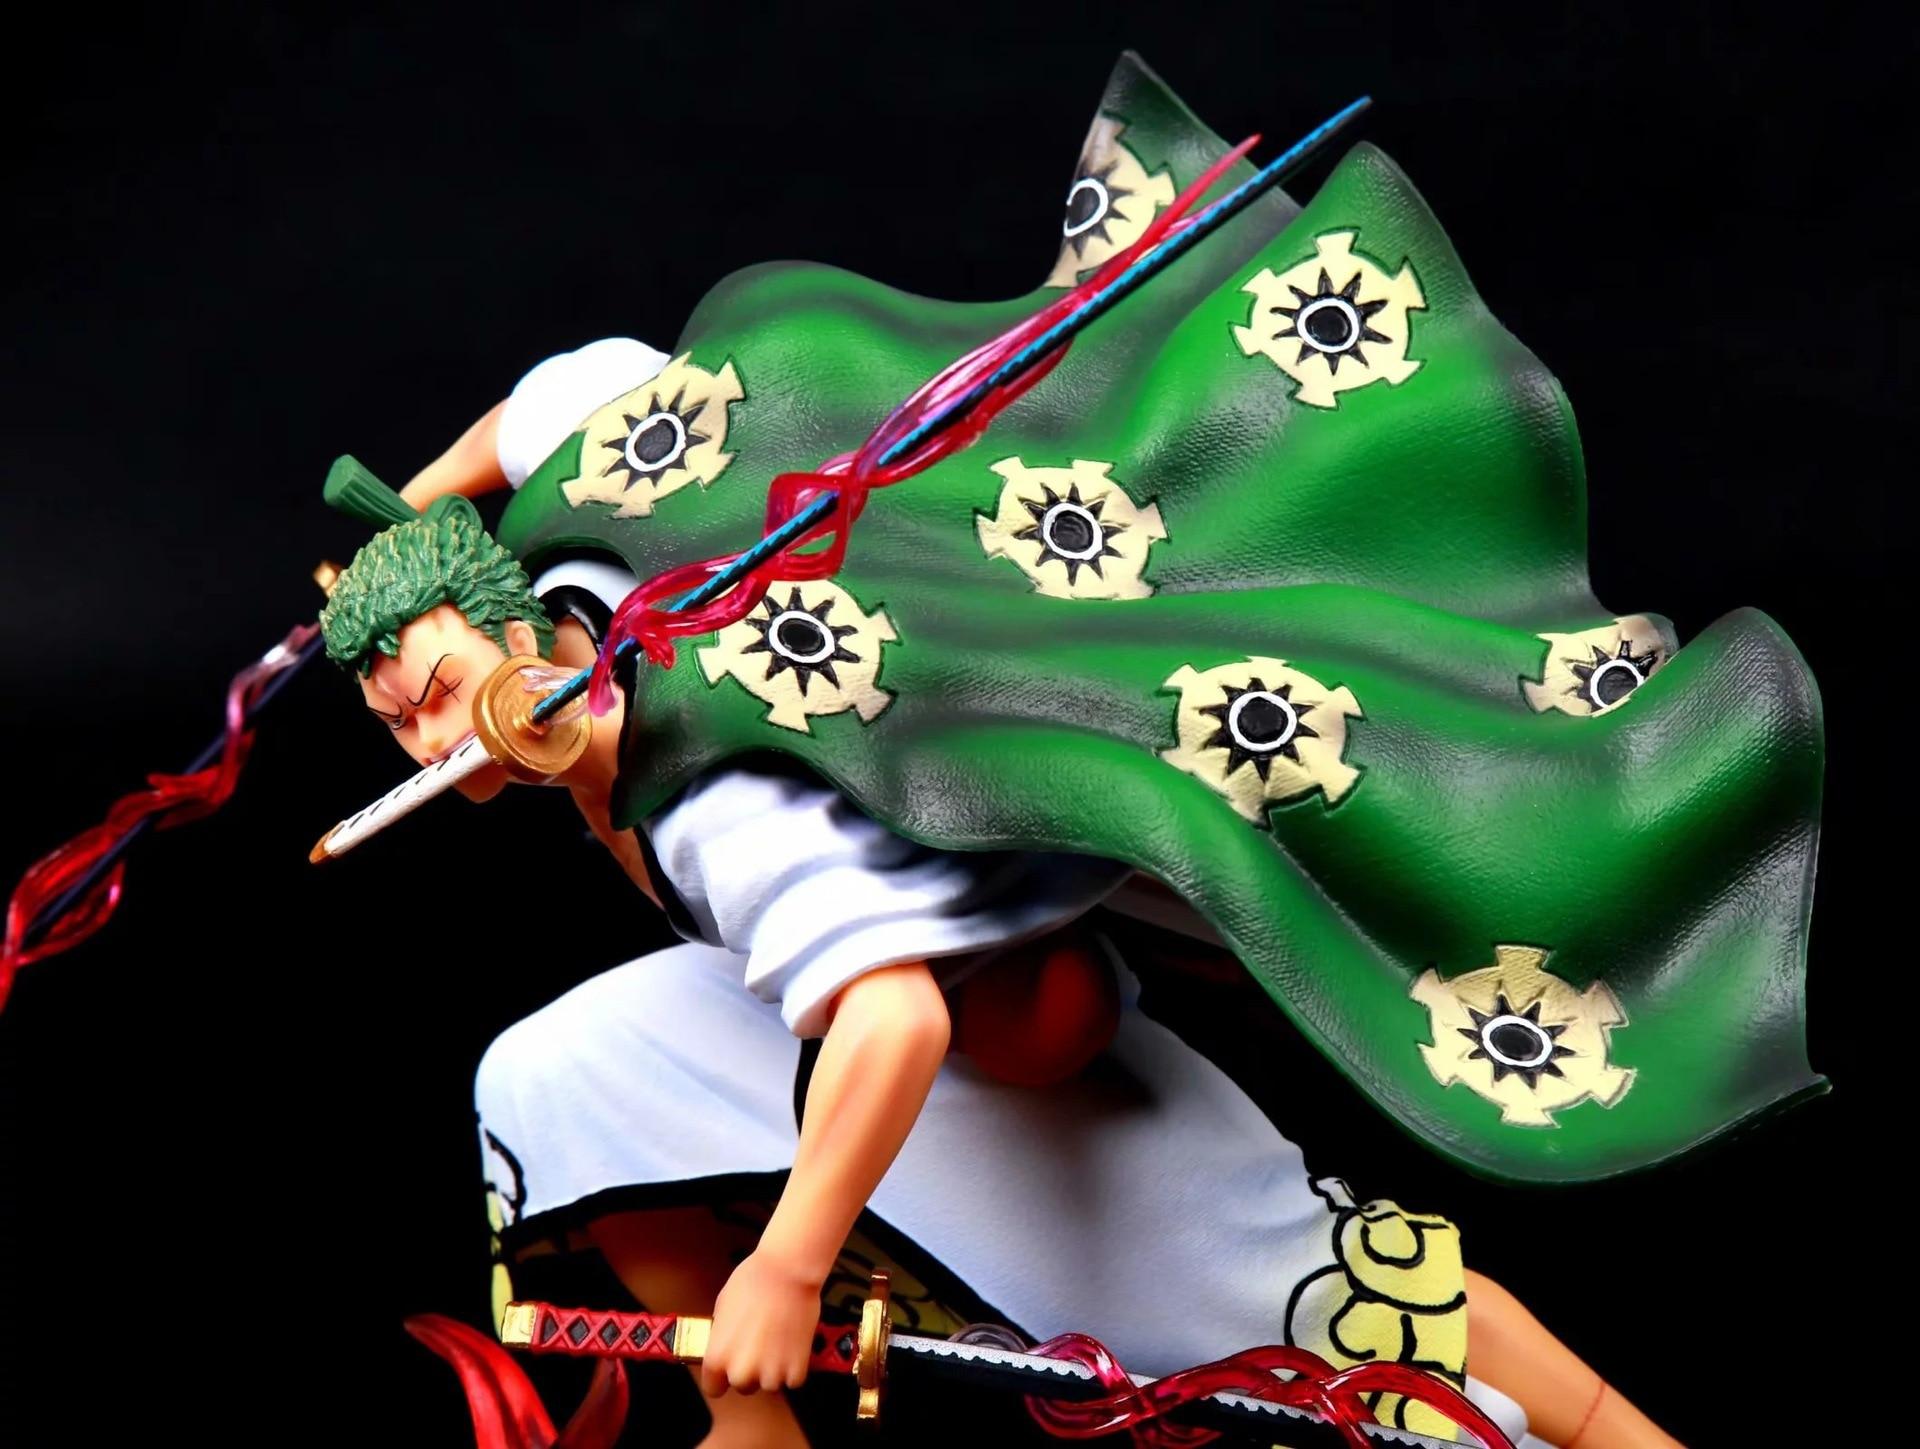 Японское аниме цельное кимоно Roronoa Zoro Battle Ver. GK статуя три тысячи мир эффект ПВХ фигурку Модель игрушки подарок